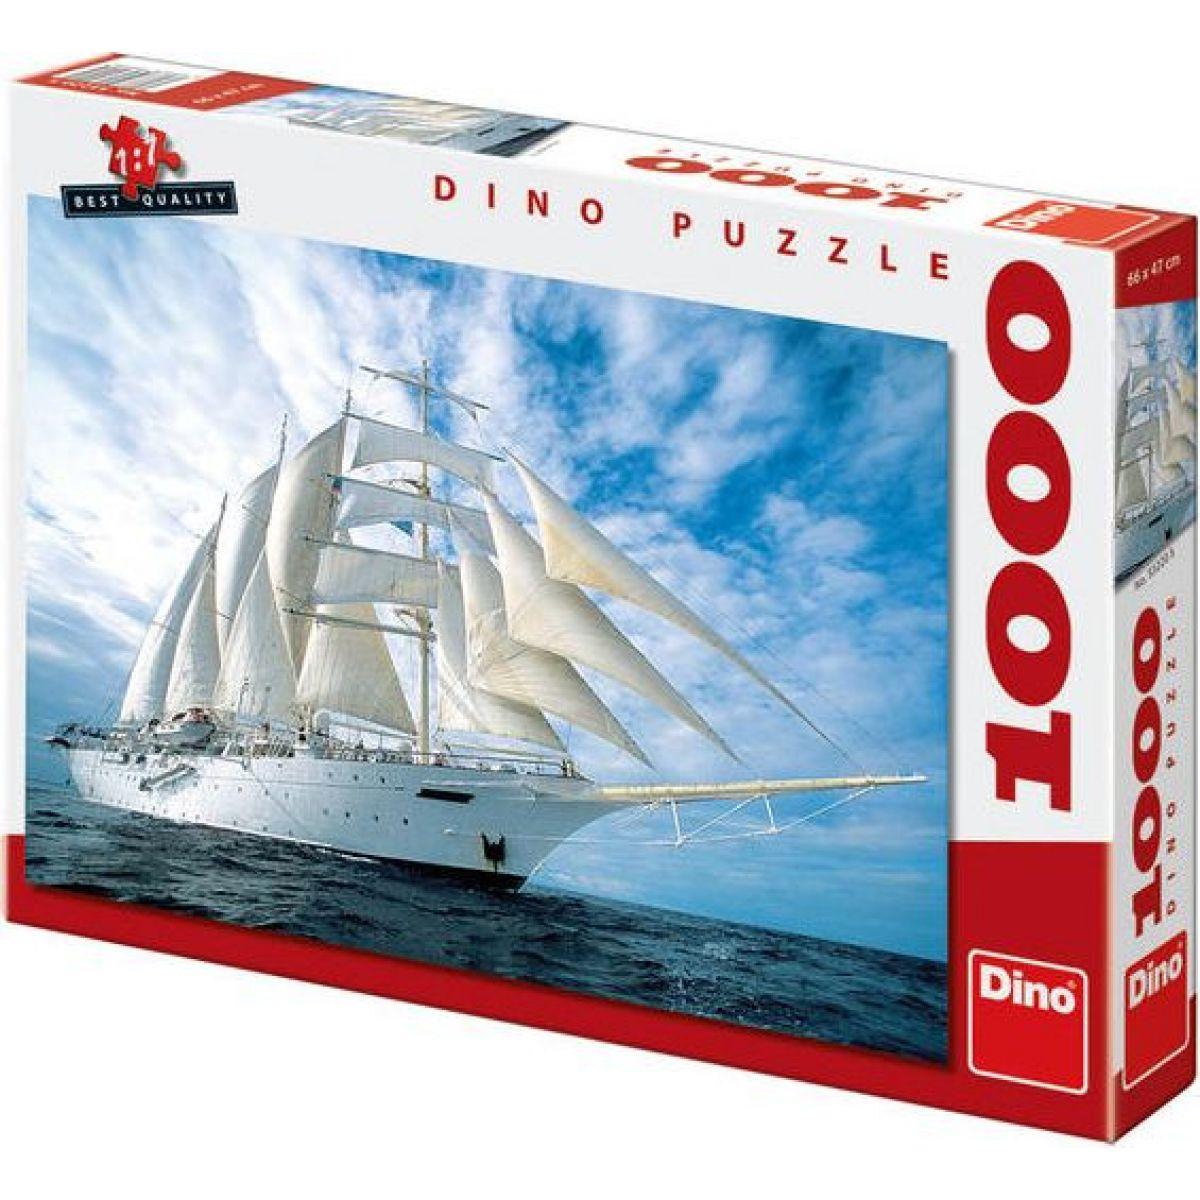 Dino Puzzle Plachetnice 1000dílků